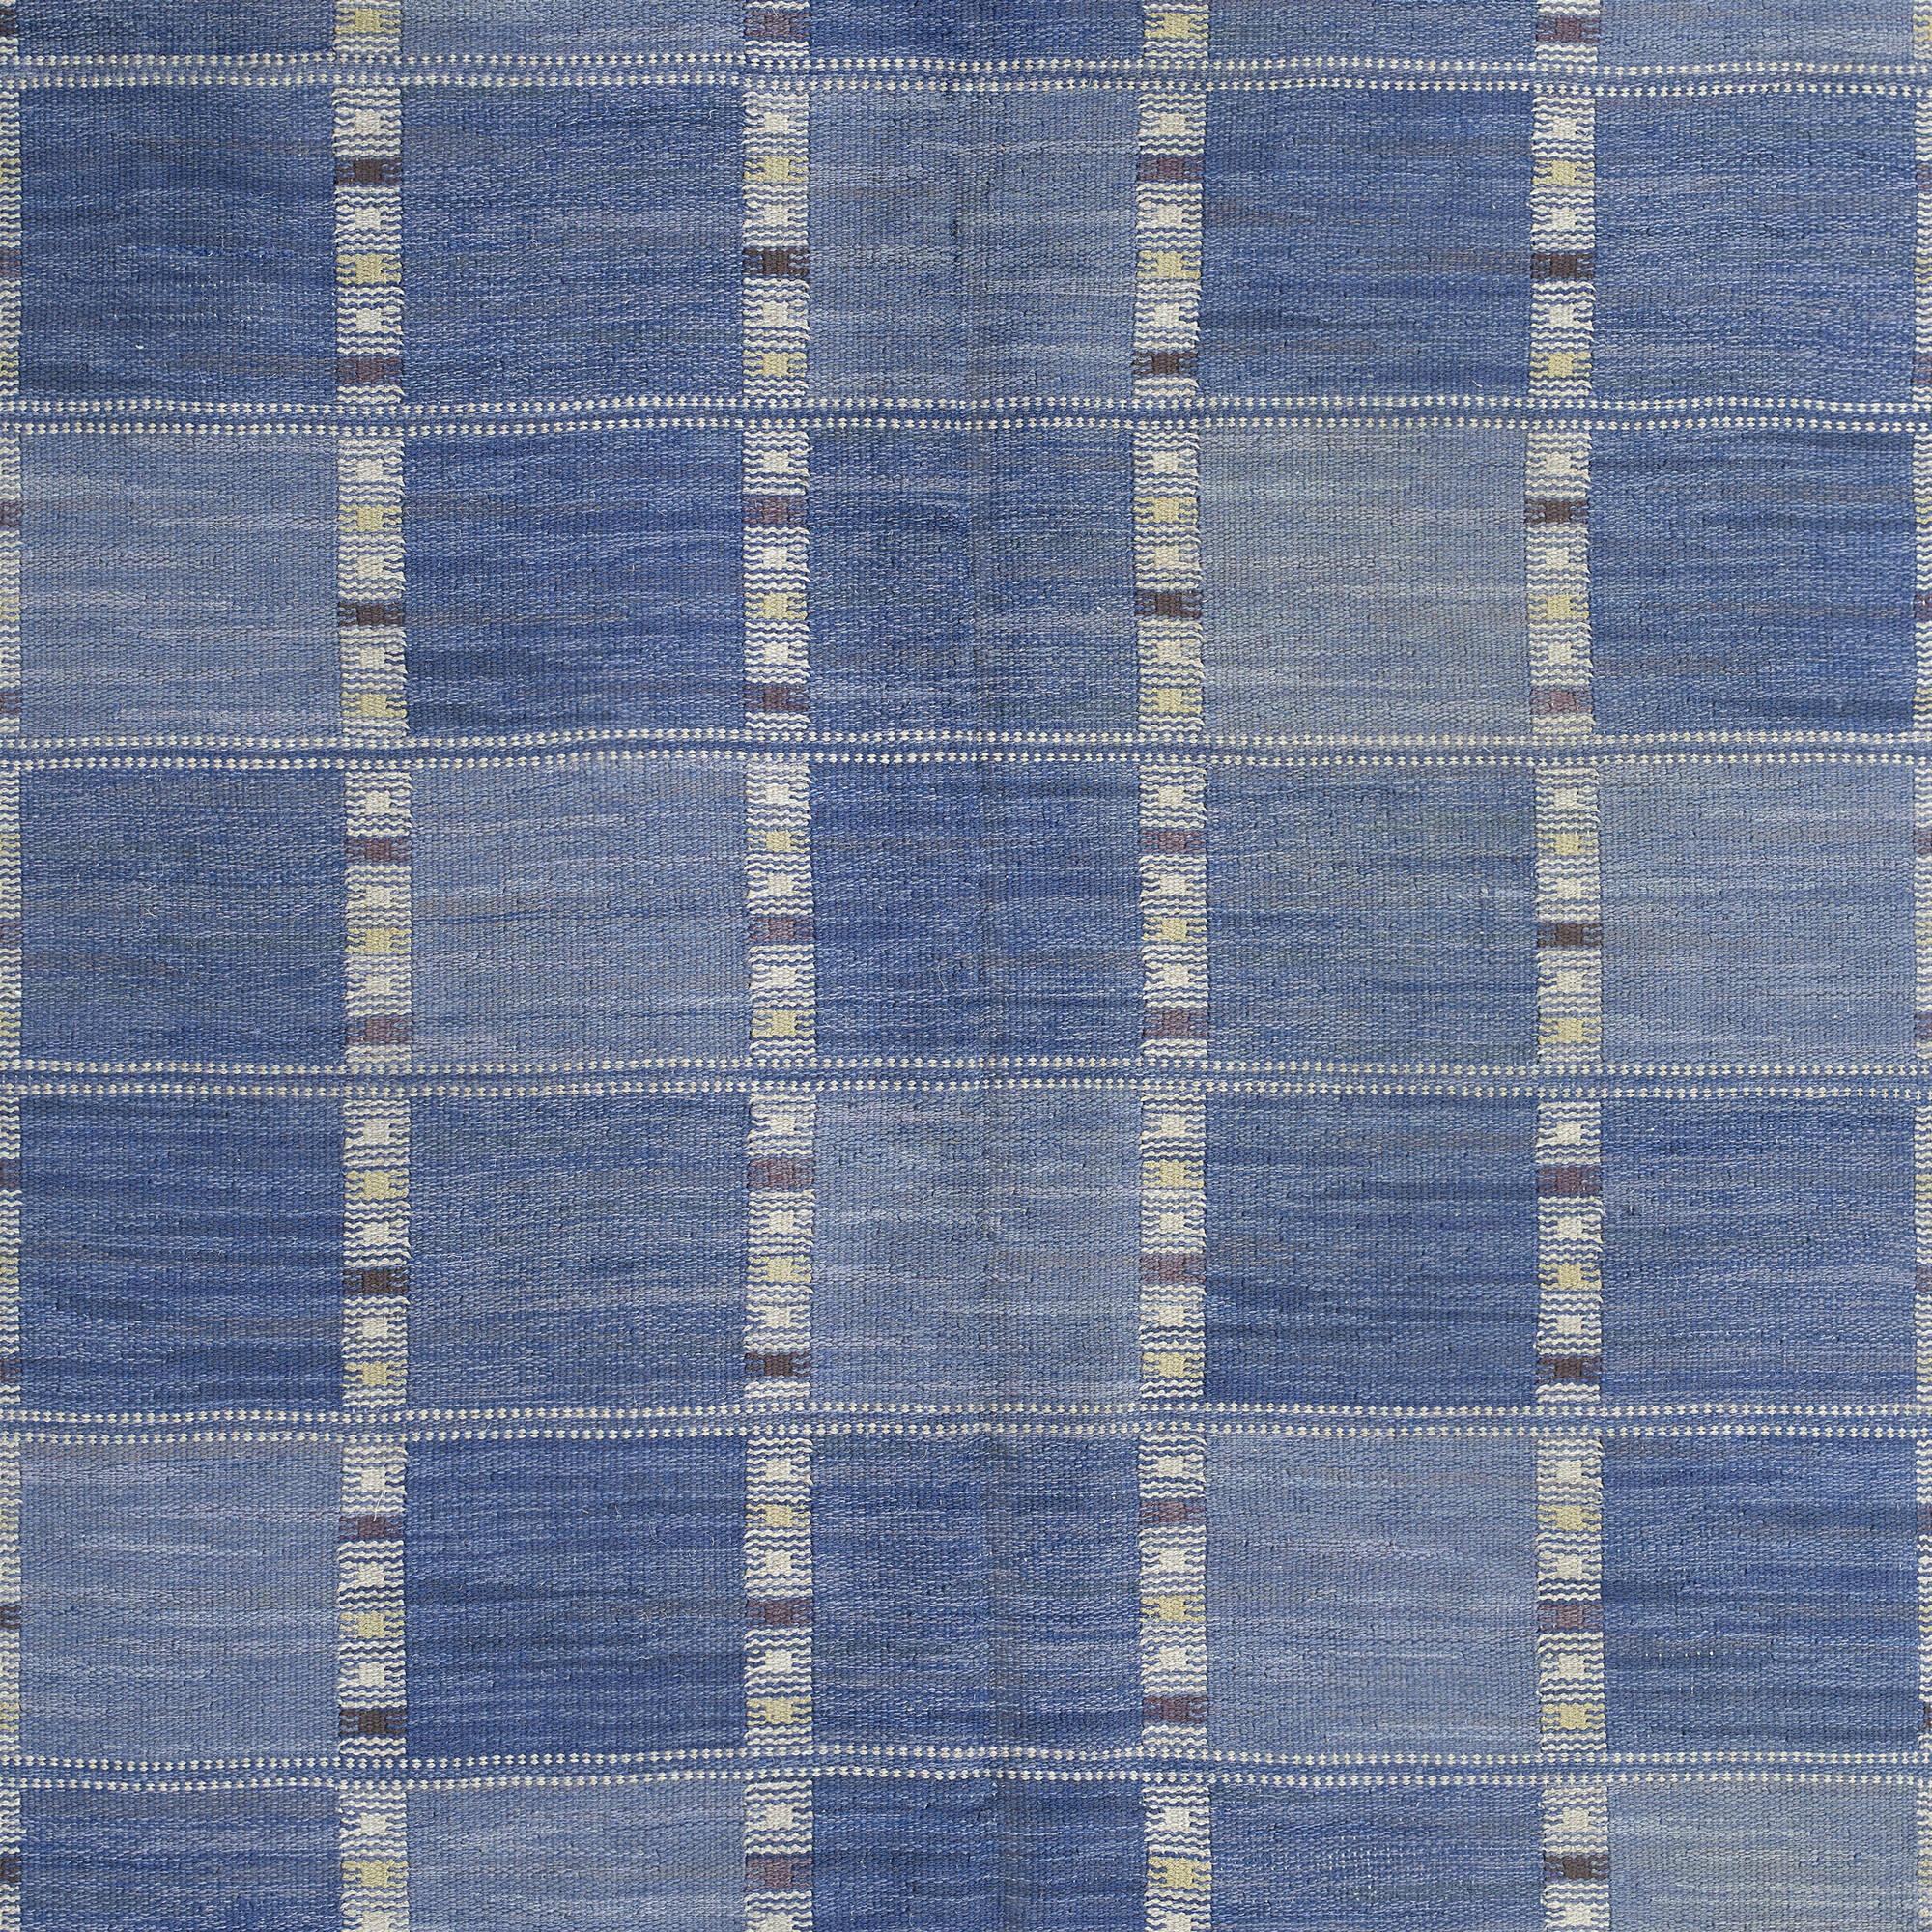 106: Barbro Nilsson / Falurutan flatweave carpet (3 of 3)